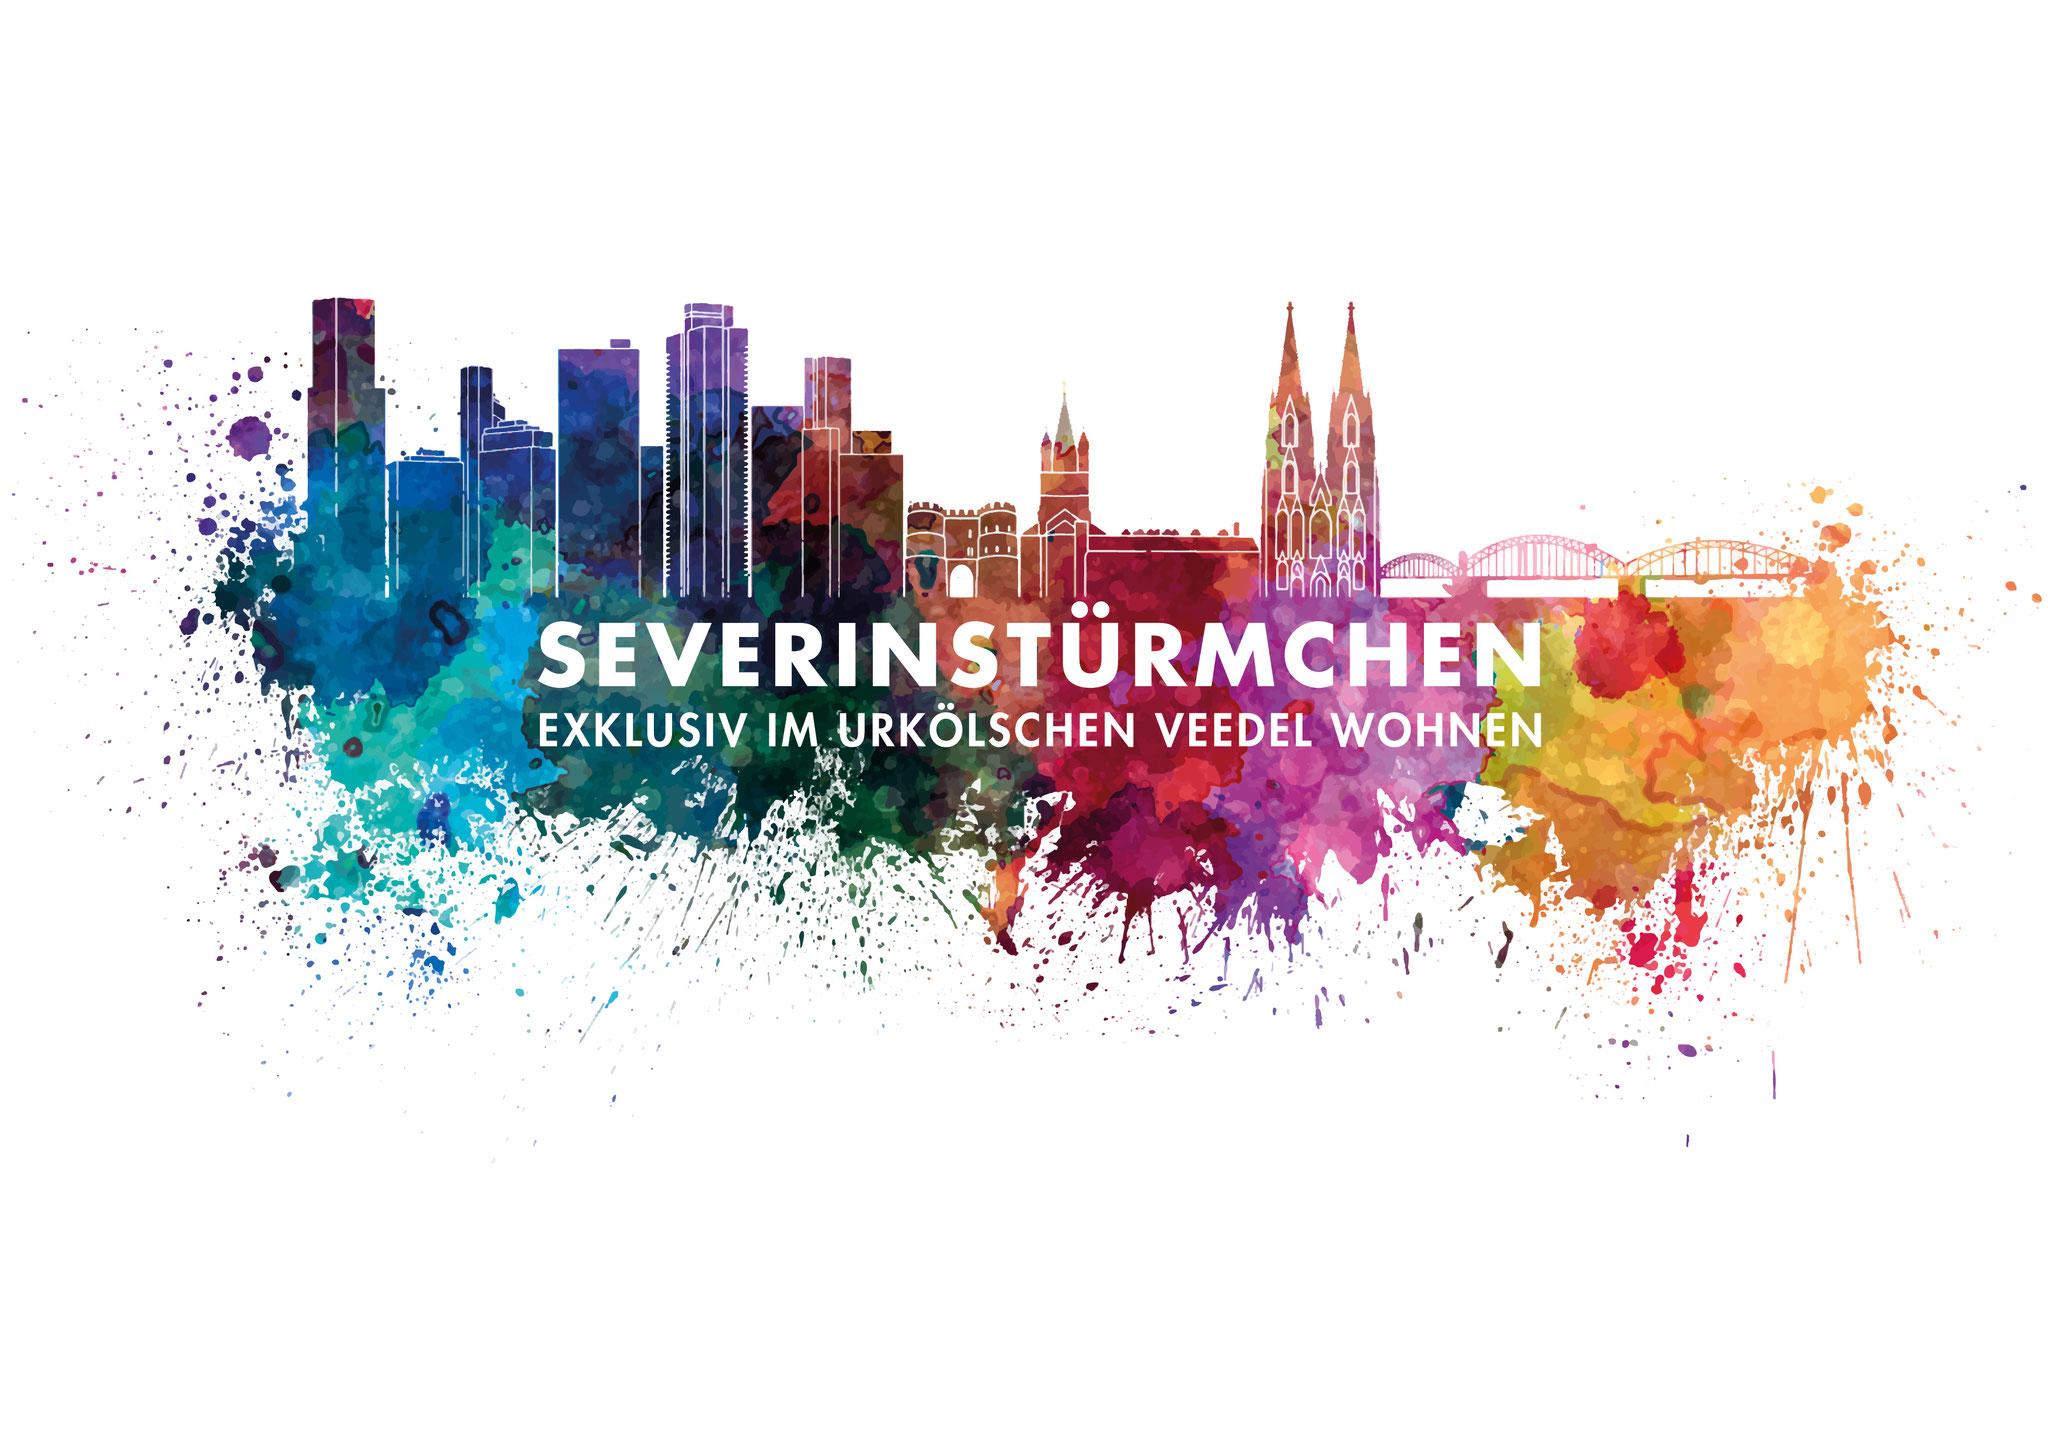 Sanierungsprojekt SeverinsTürmchen -  Sanierung von 3 Einheiten im Herzen der Südstadt